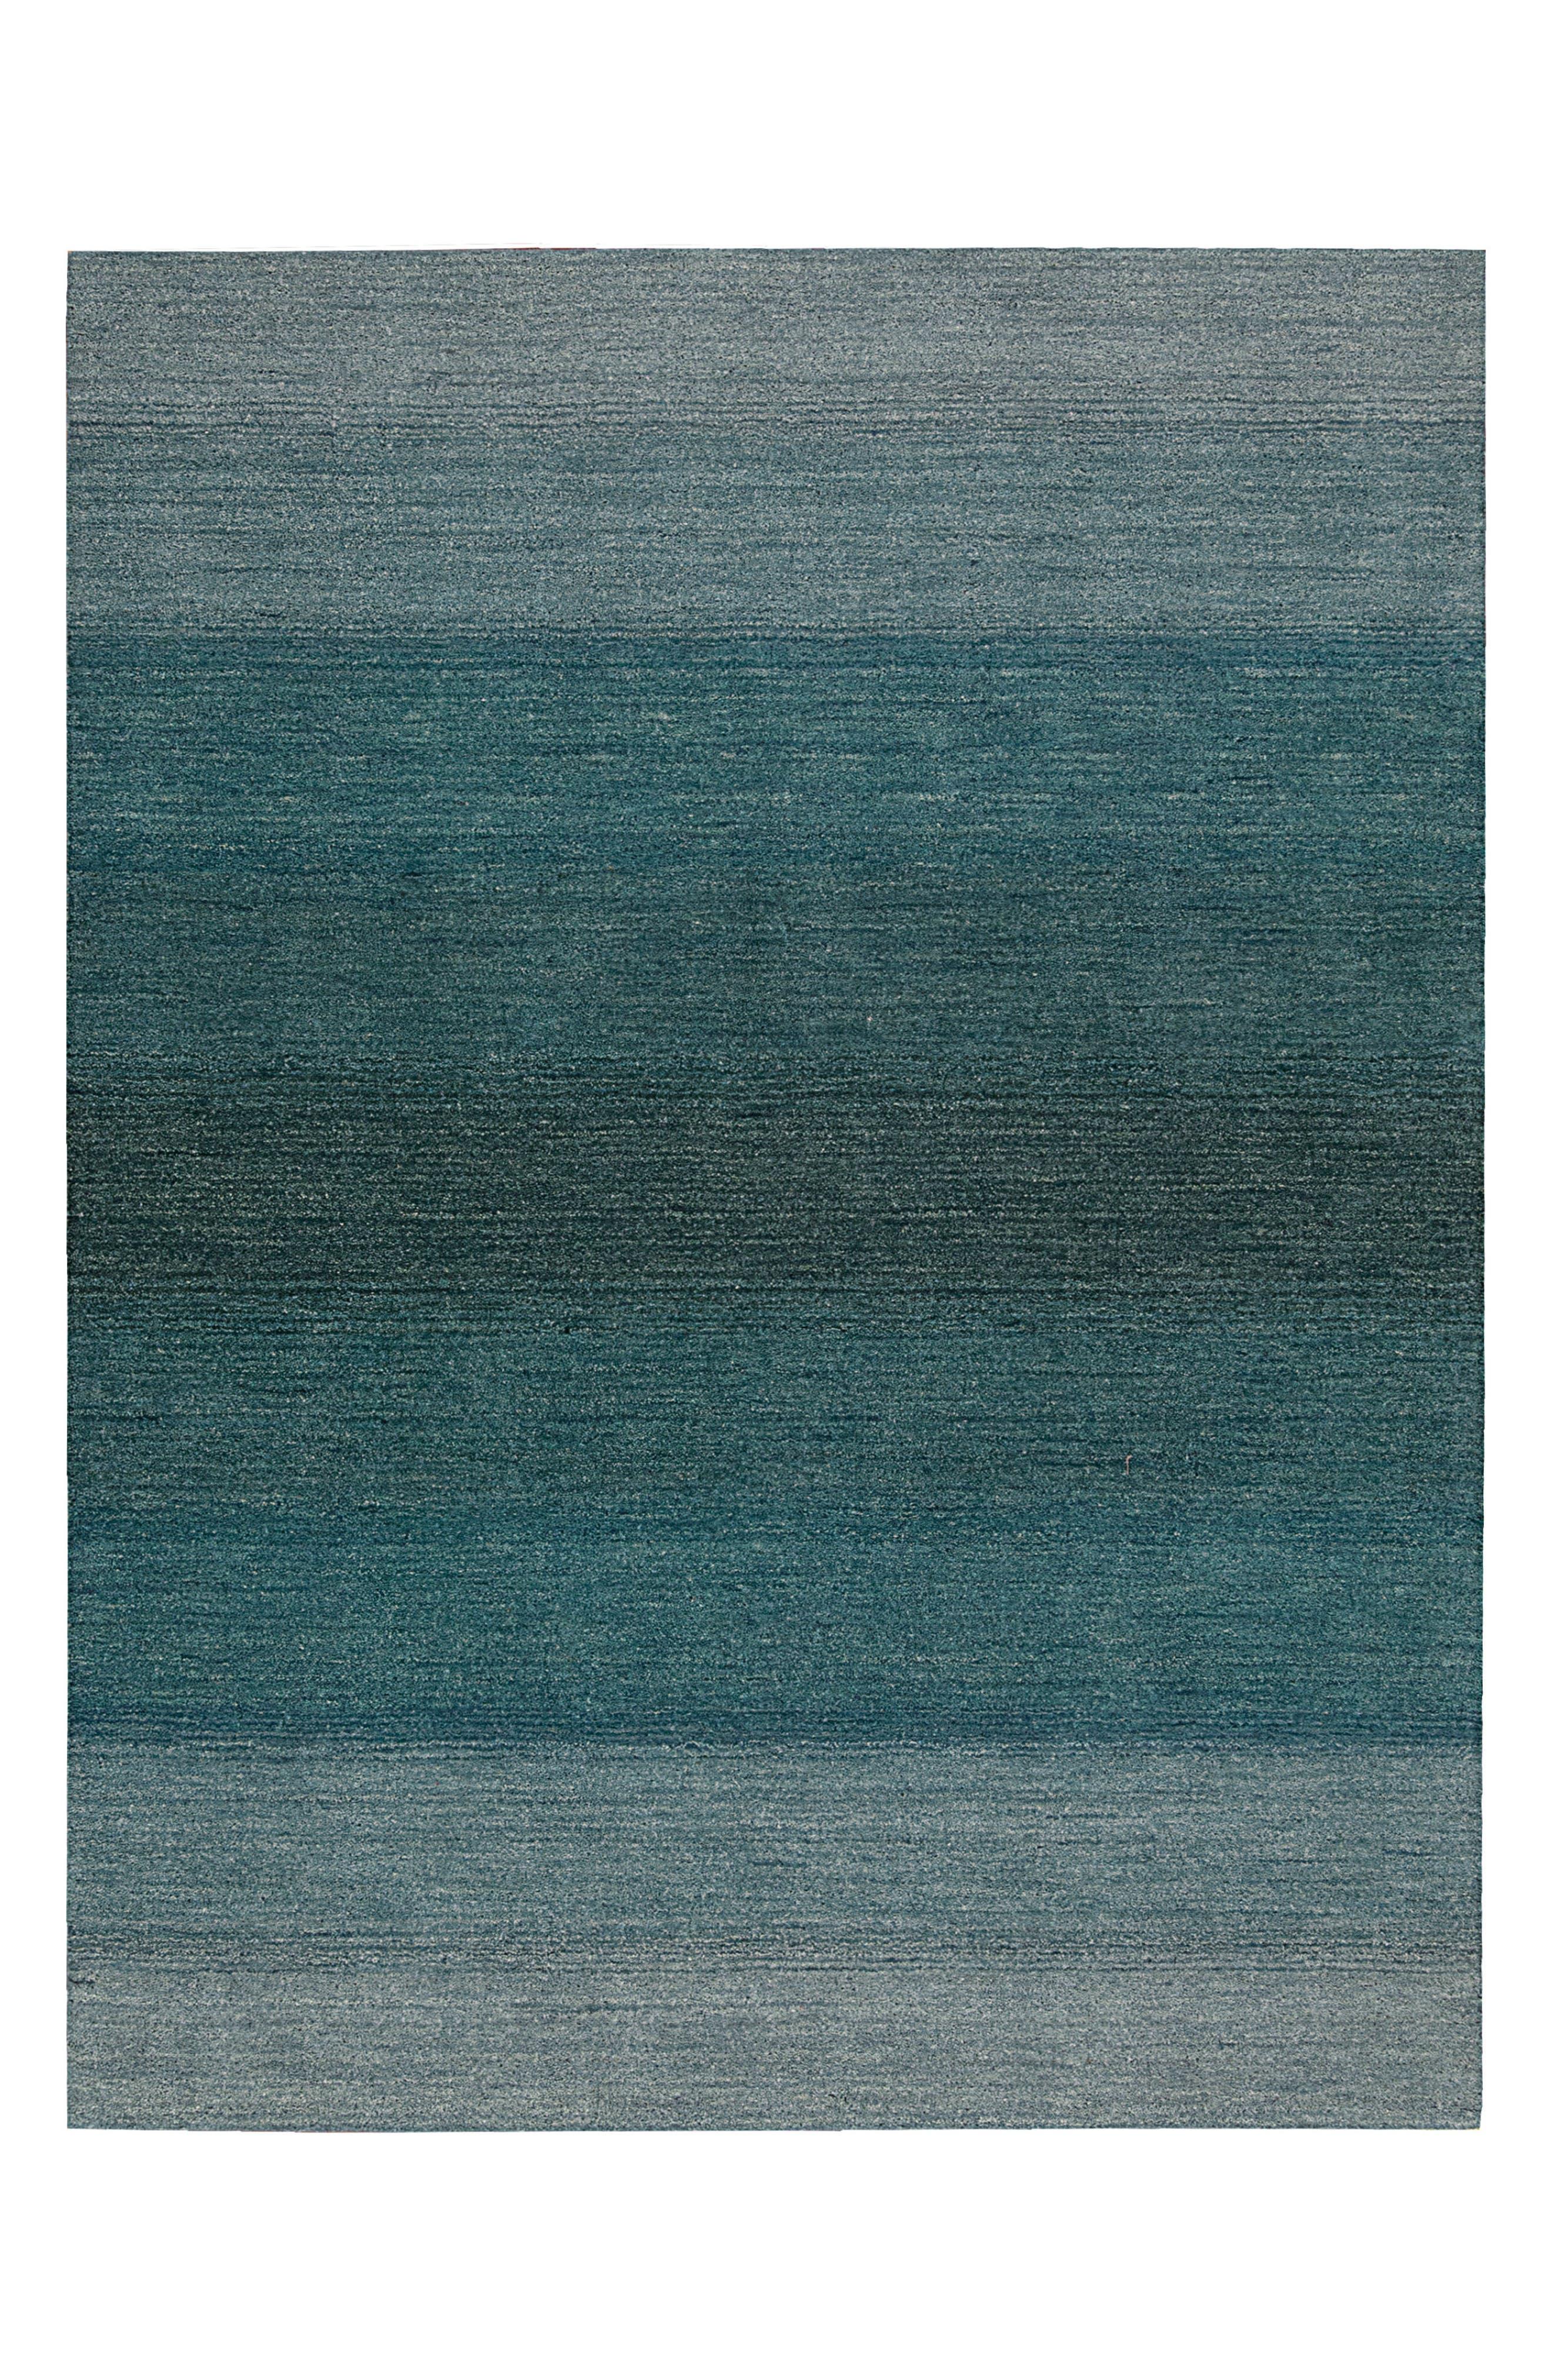 Alternate Image 1 Selected - Calvin Klein Linear Glow Wool Rug